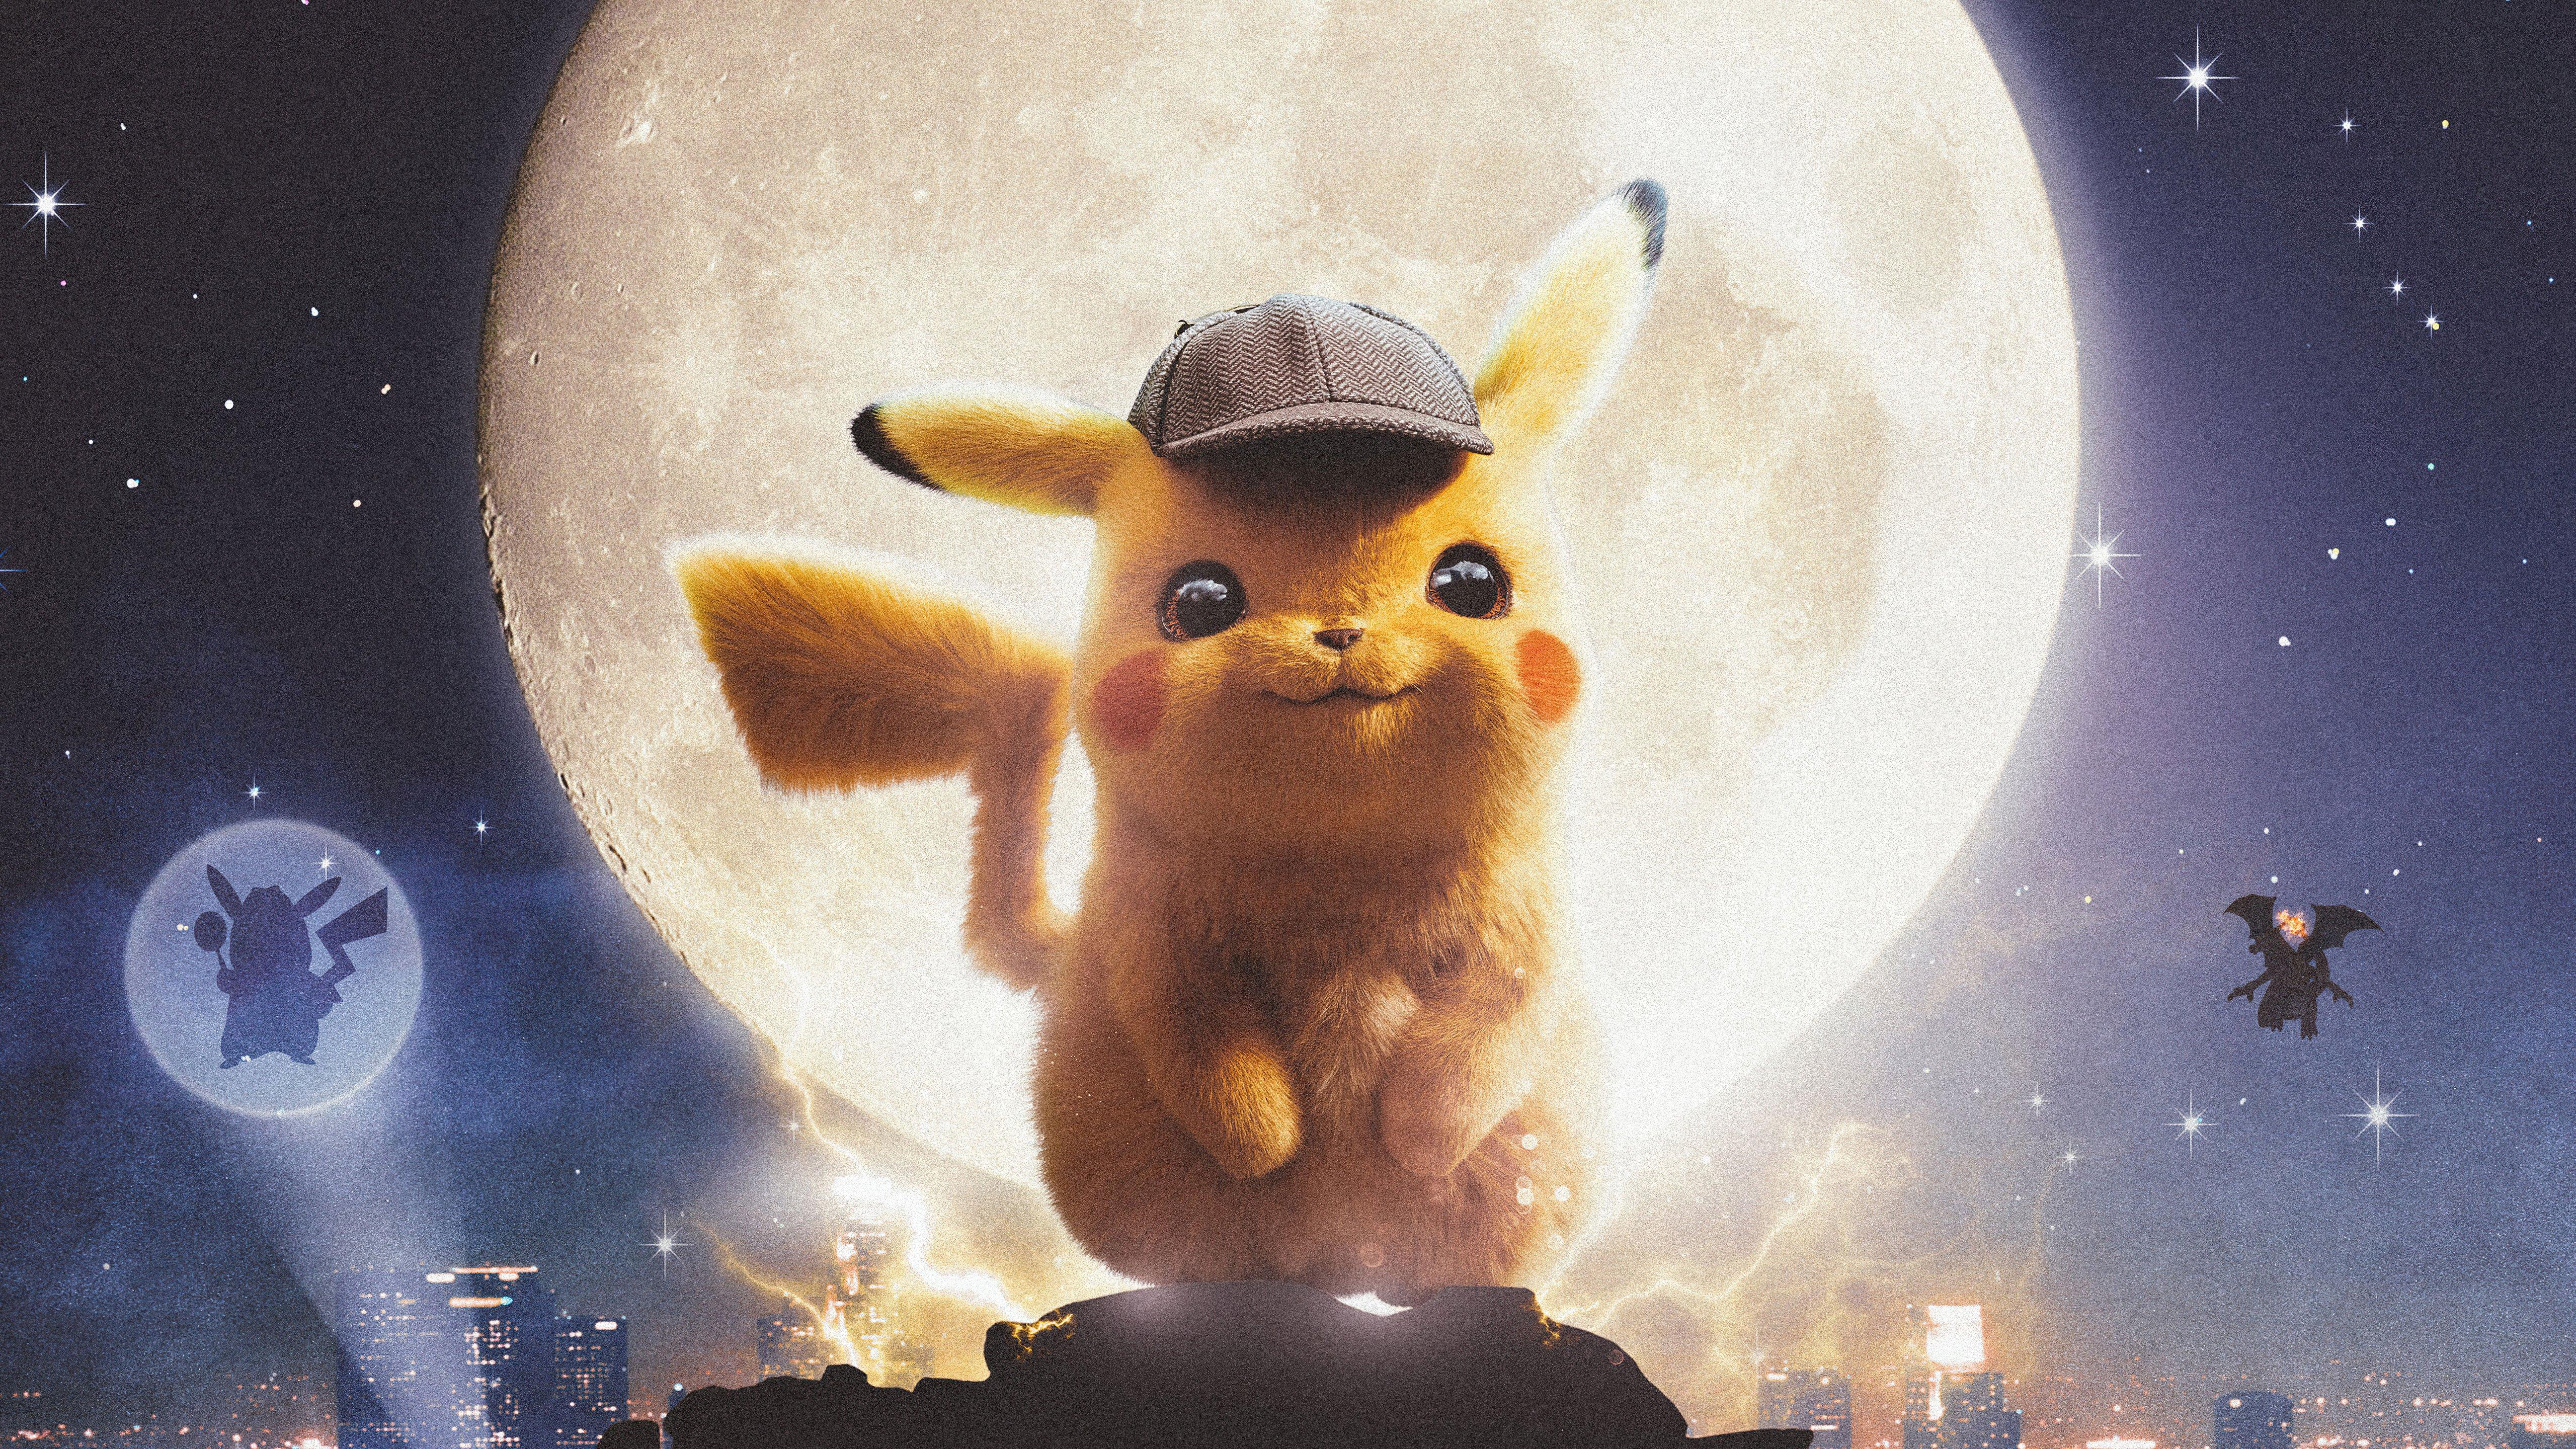 Wallpaper Pokemon Detective PIkachu